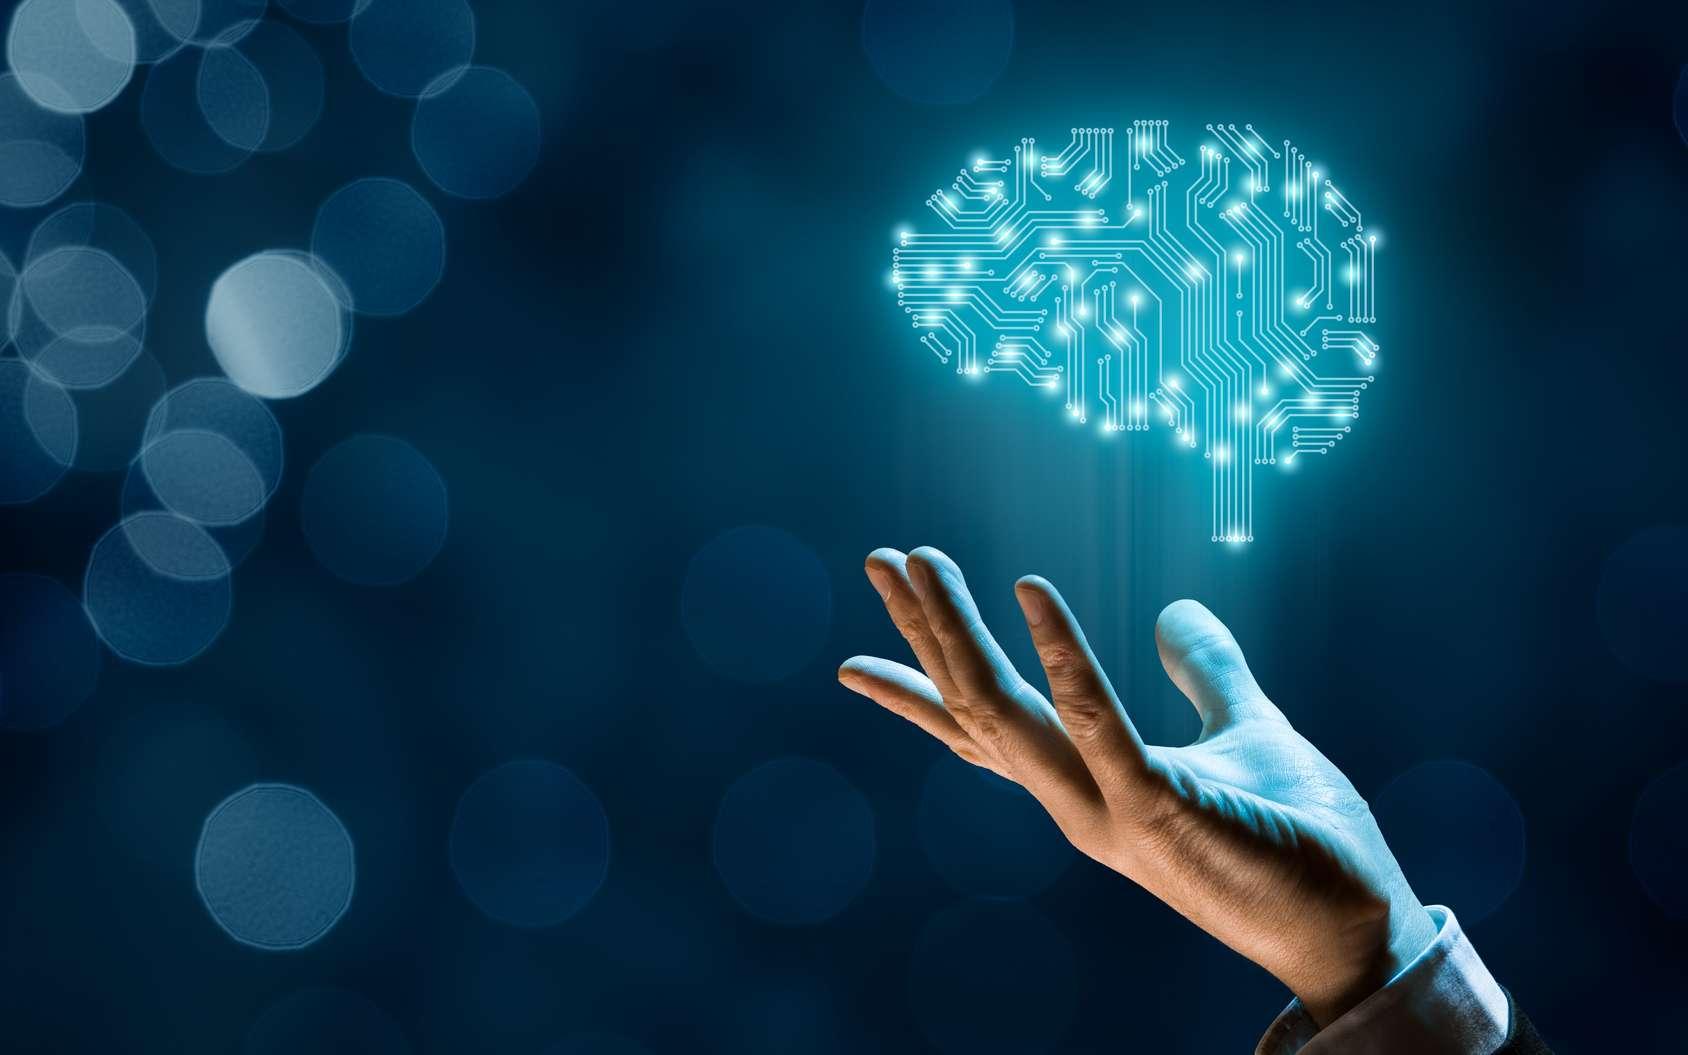 Le deep learning s'inspire directement du cerveau humain pour que la machine apprenne seule à partir de millions d'exemples. © Jakub Jirsák, Fotolia